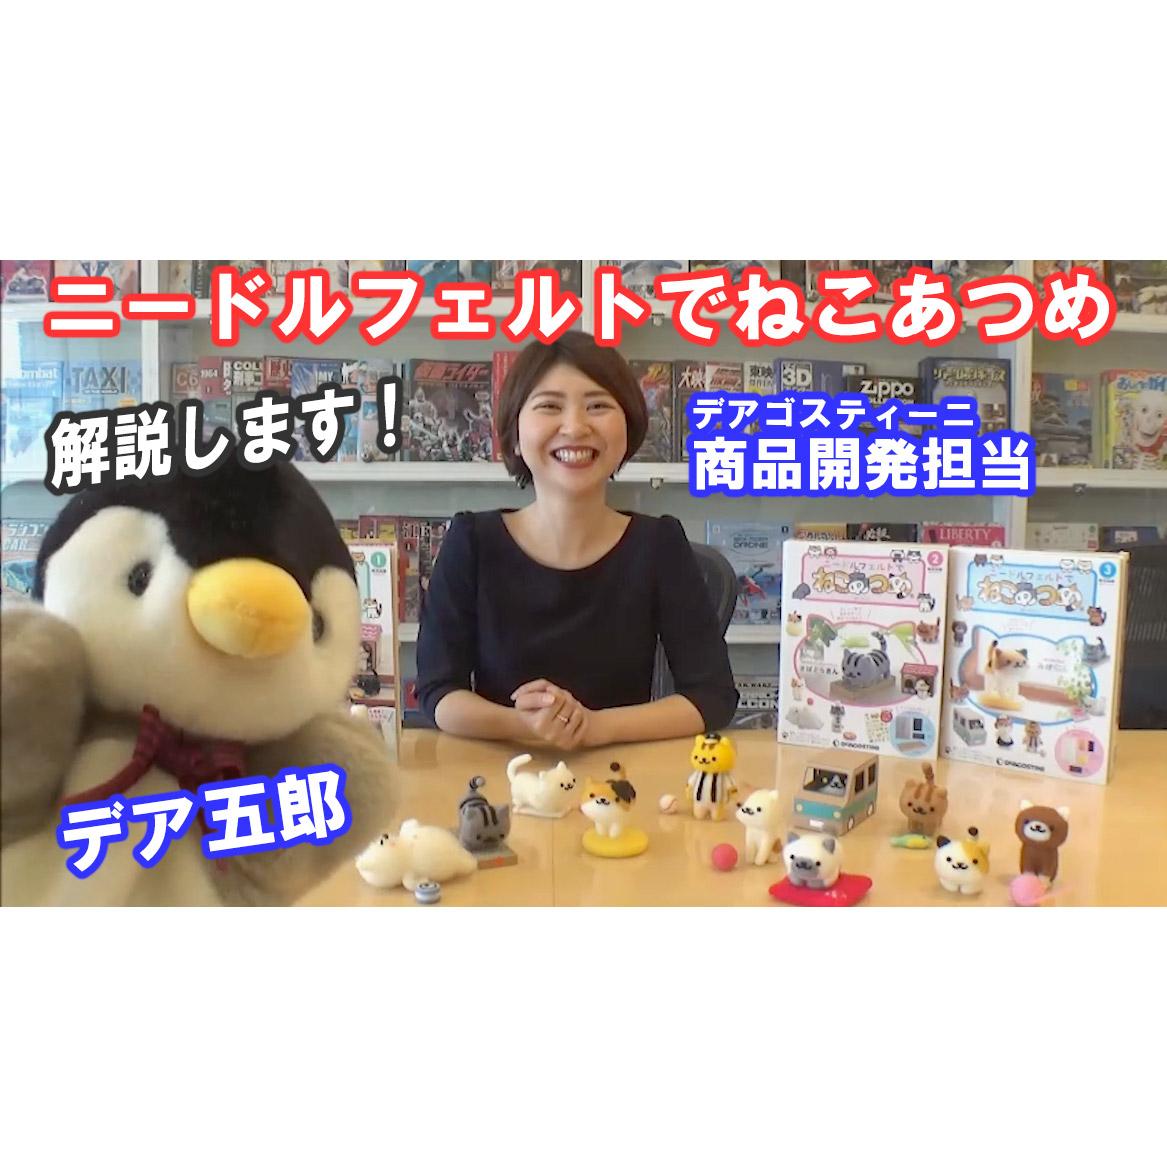 【動画】ねこあつめ商品担当が解説します!